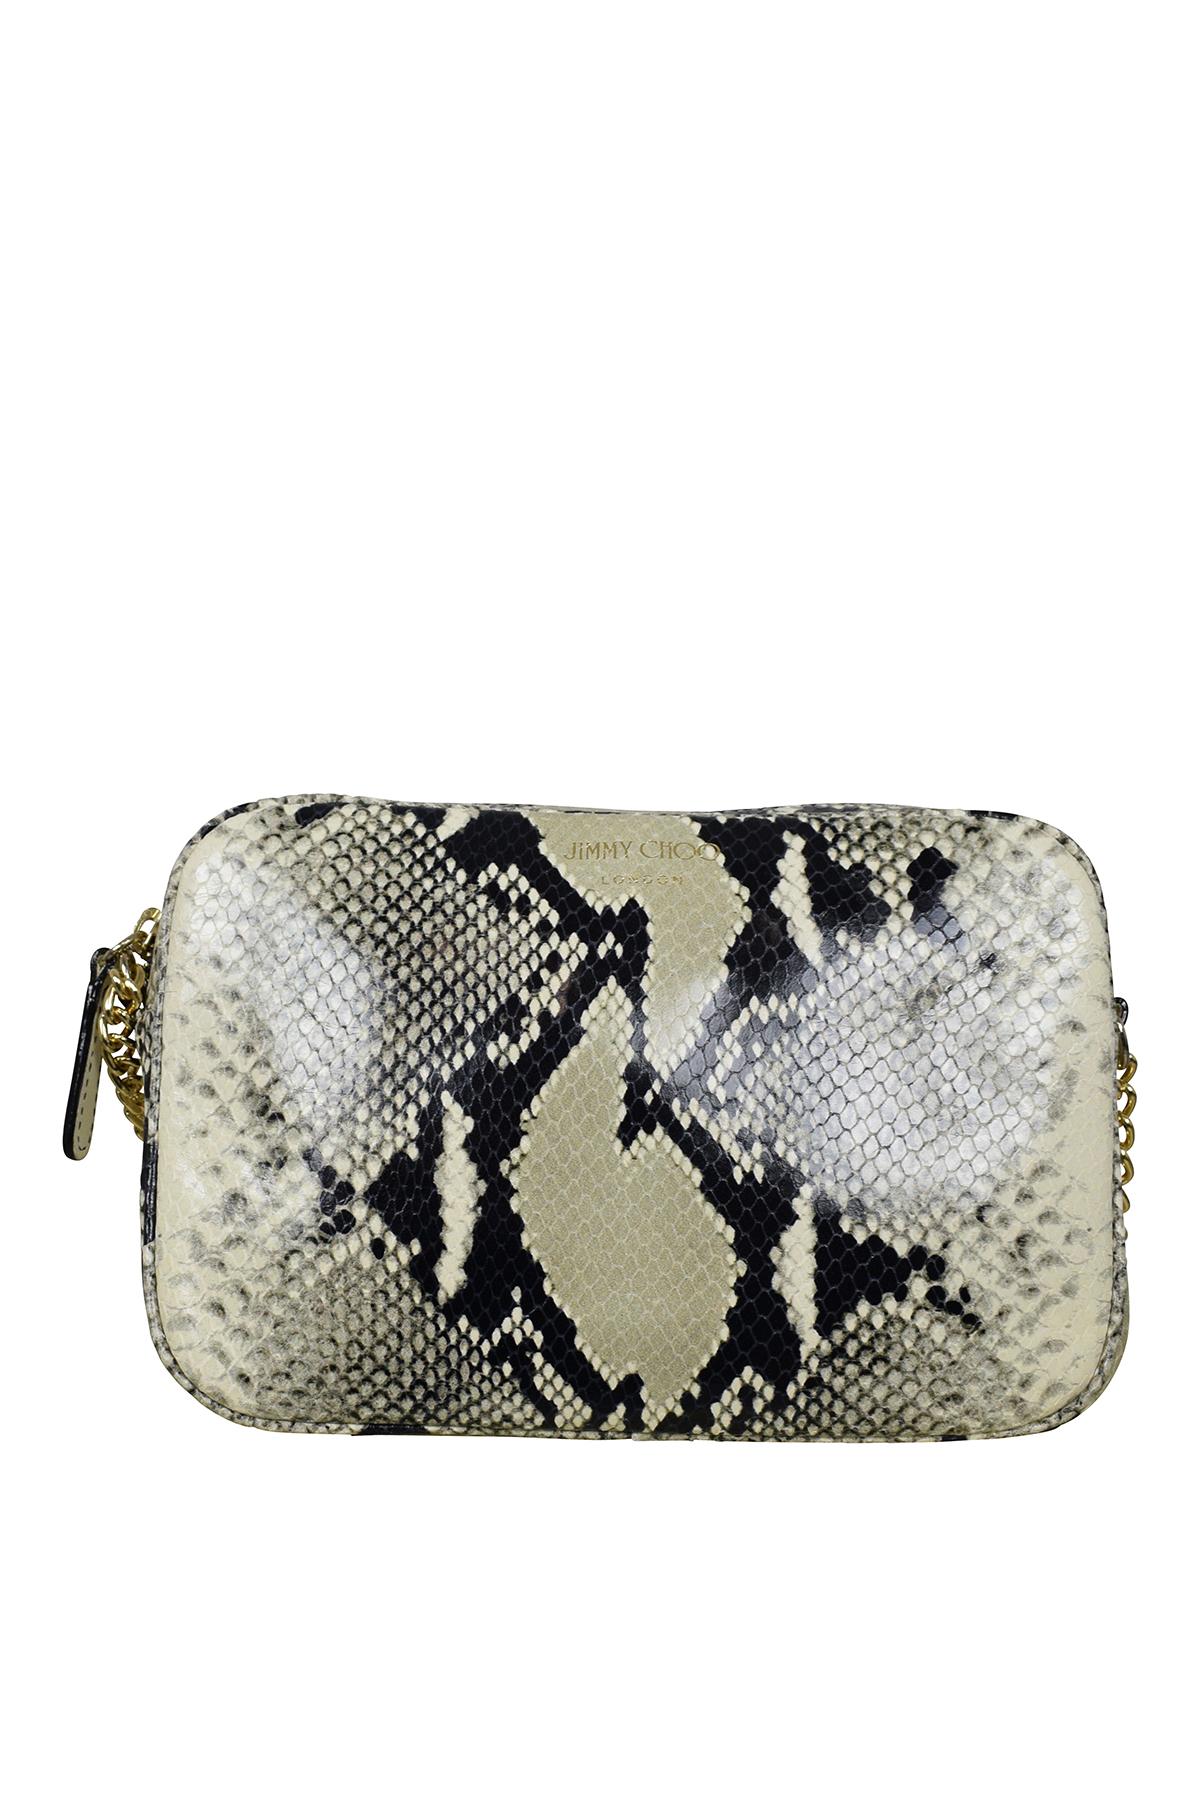 Jimmy Choo handbag in pattern leather.